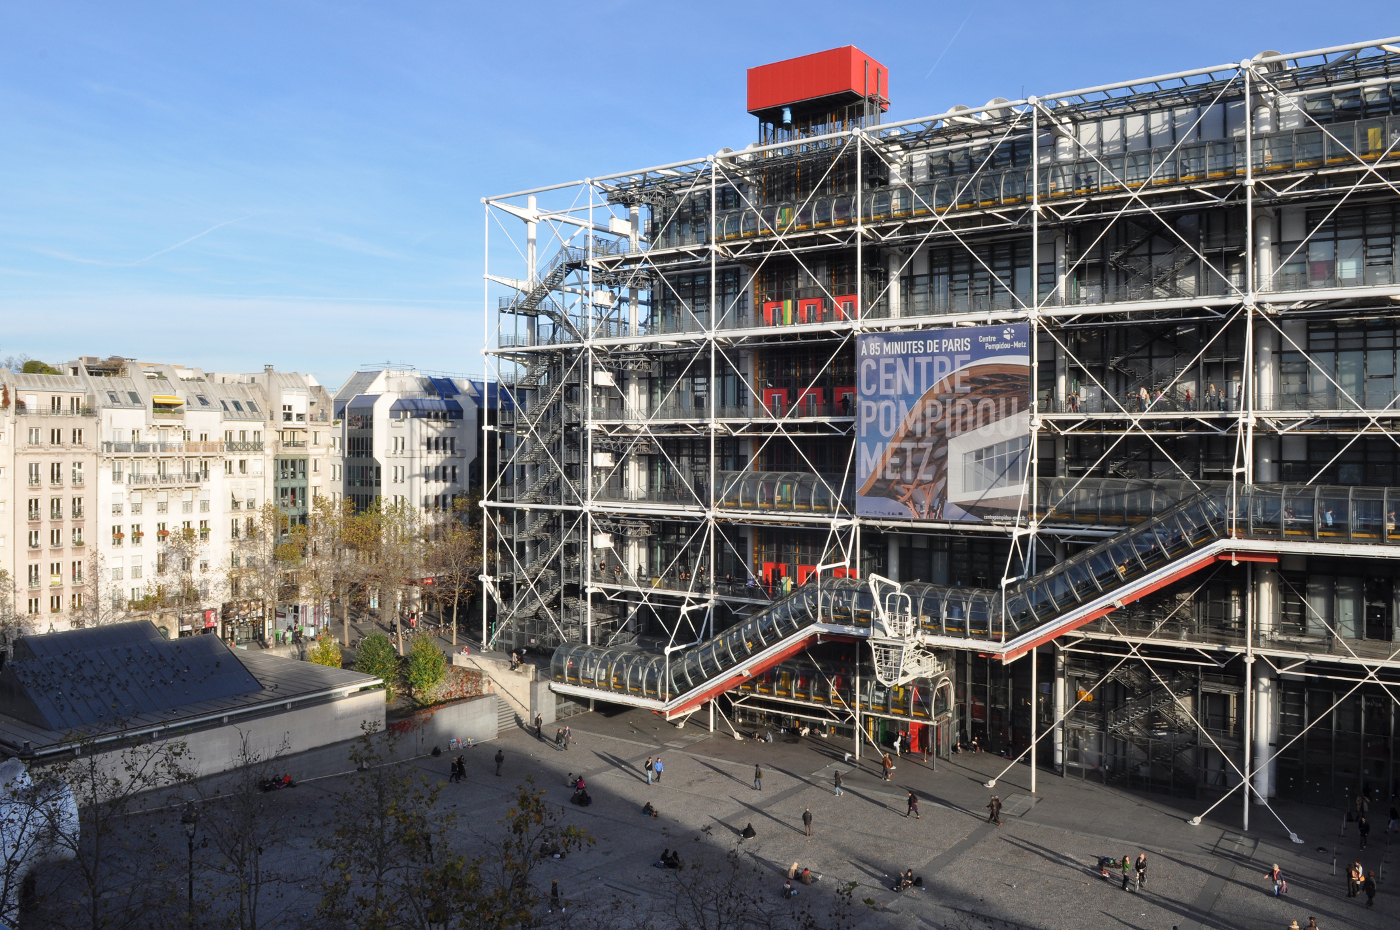 Renzo Piano Nato A renzo piano: il beaubourg quarant'anni dopo e la mia parigi